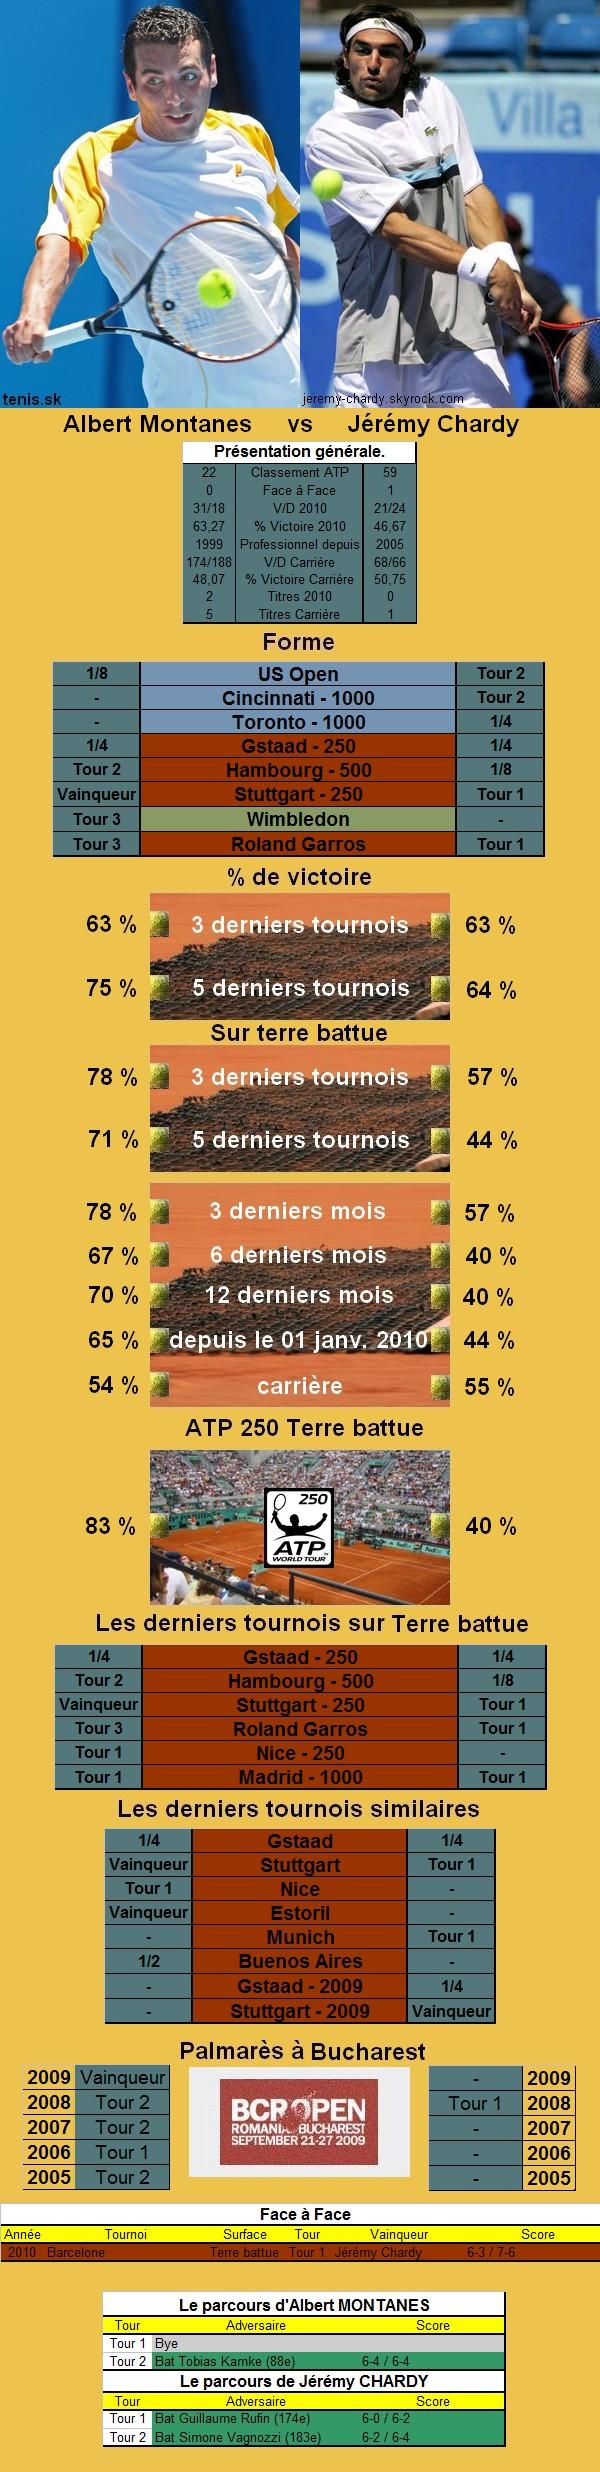 Statistiques tennis de Montanes contre Chardy à Bucarest